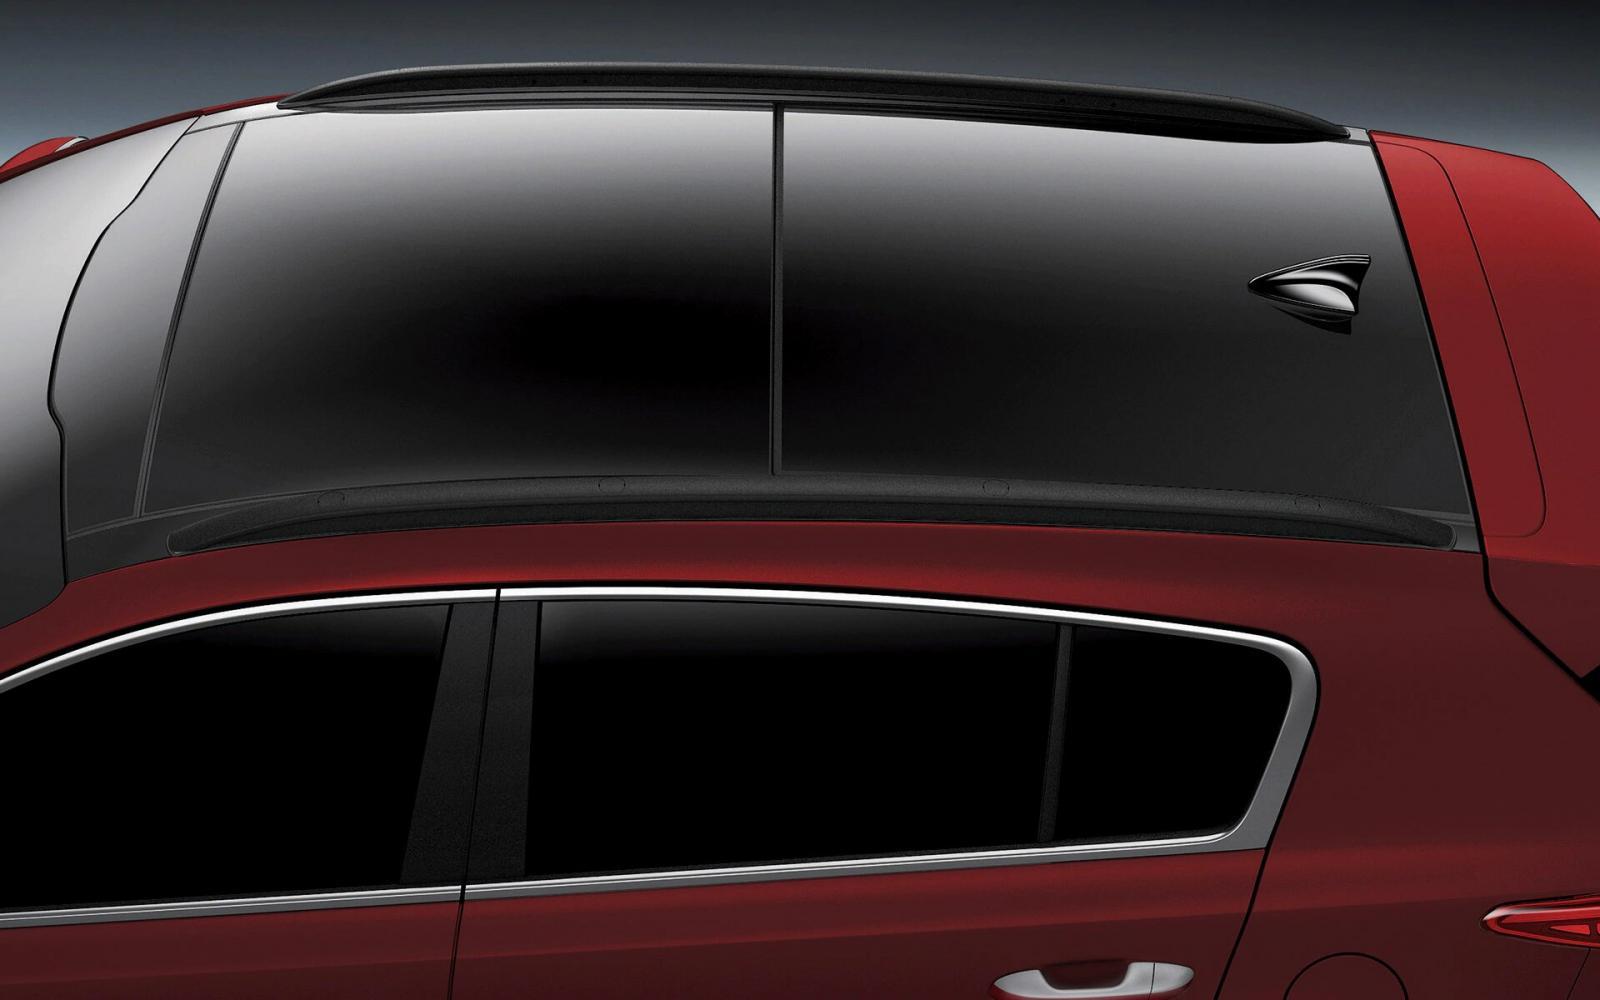 Kia Sportage SXL 2020 resena opiniones Lleva techo panorámico, una característica que garantiza una buena iluminación de la cabina durante el día